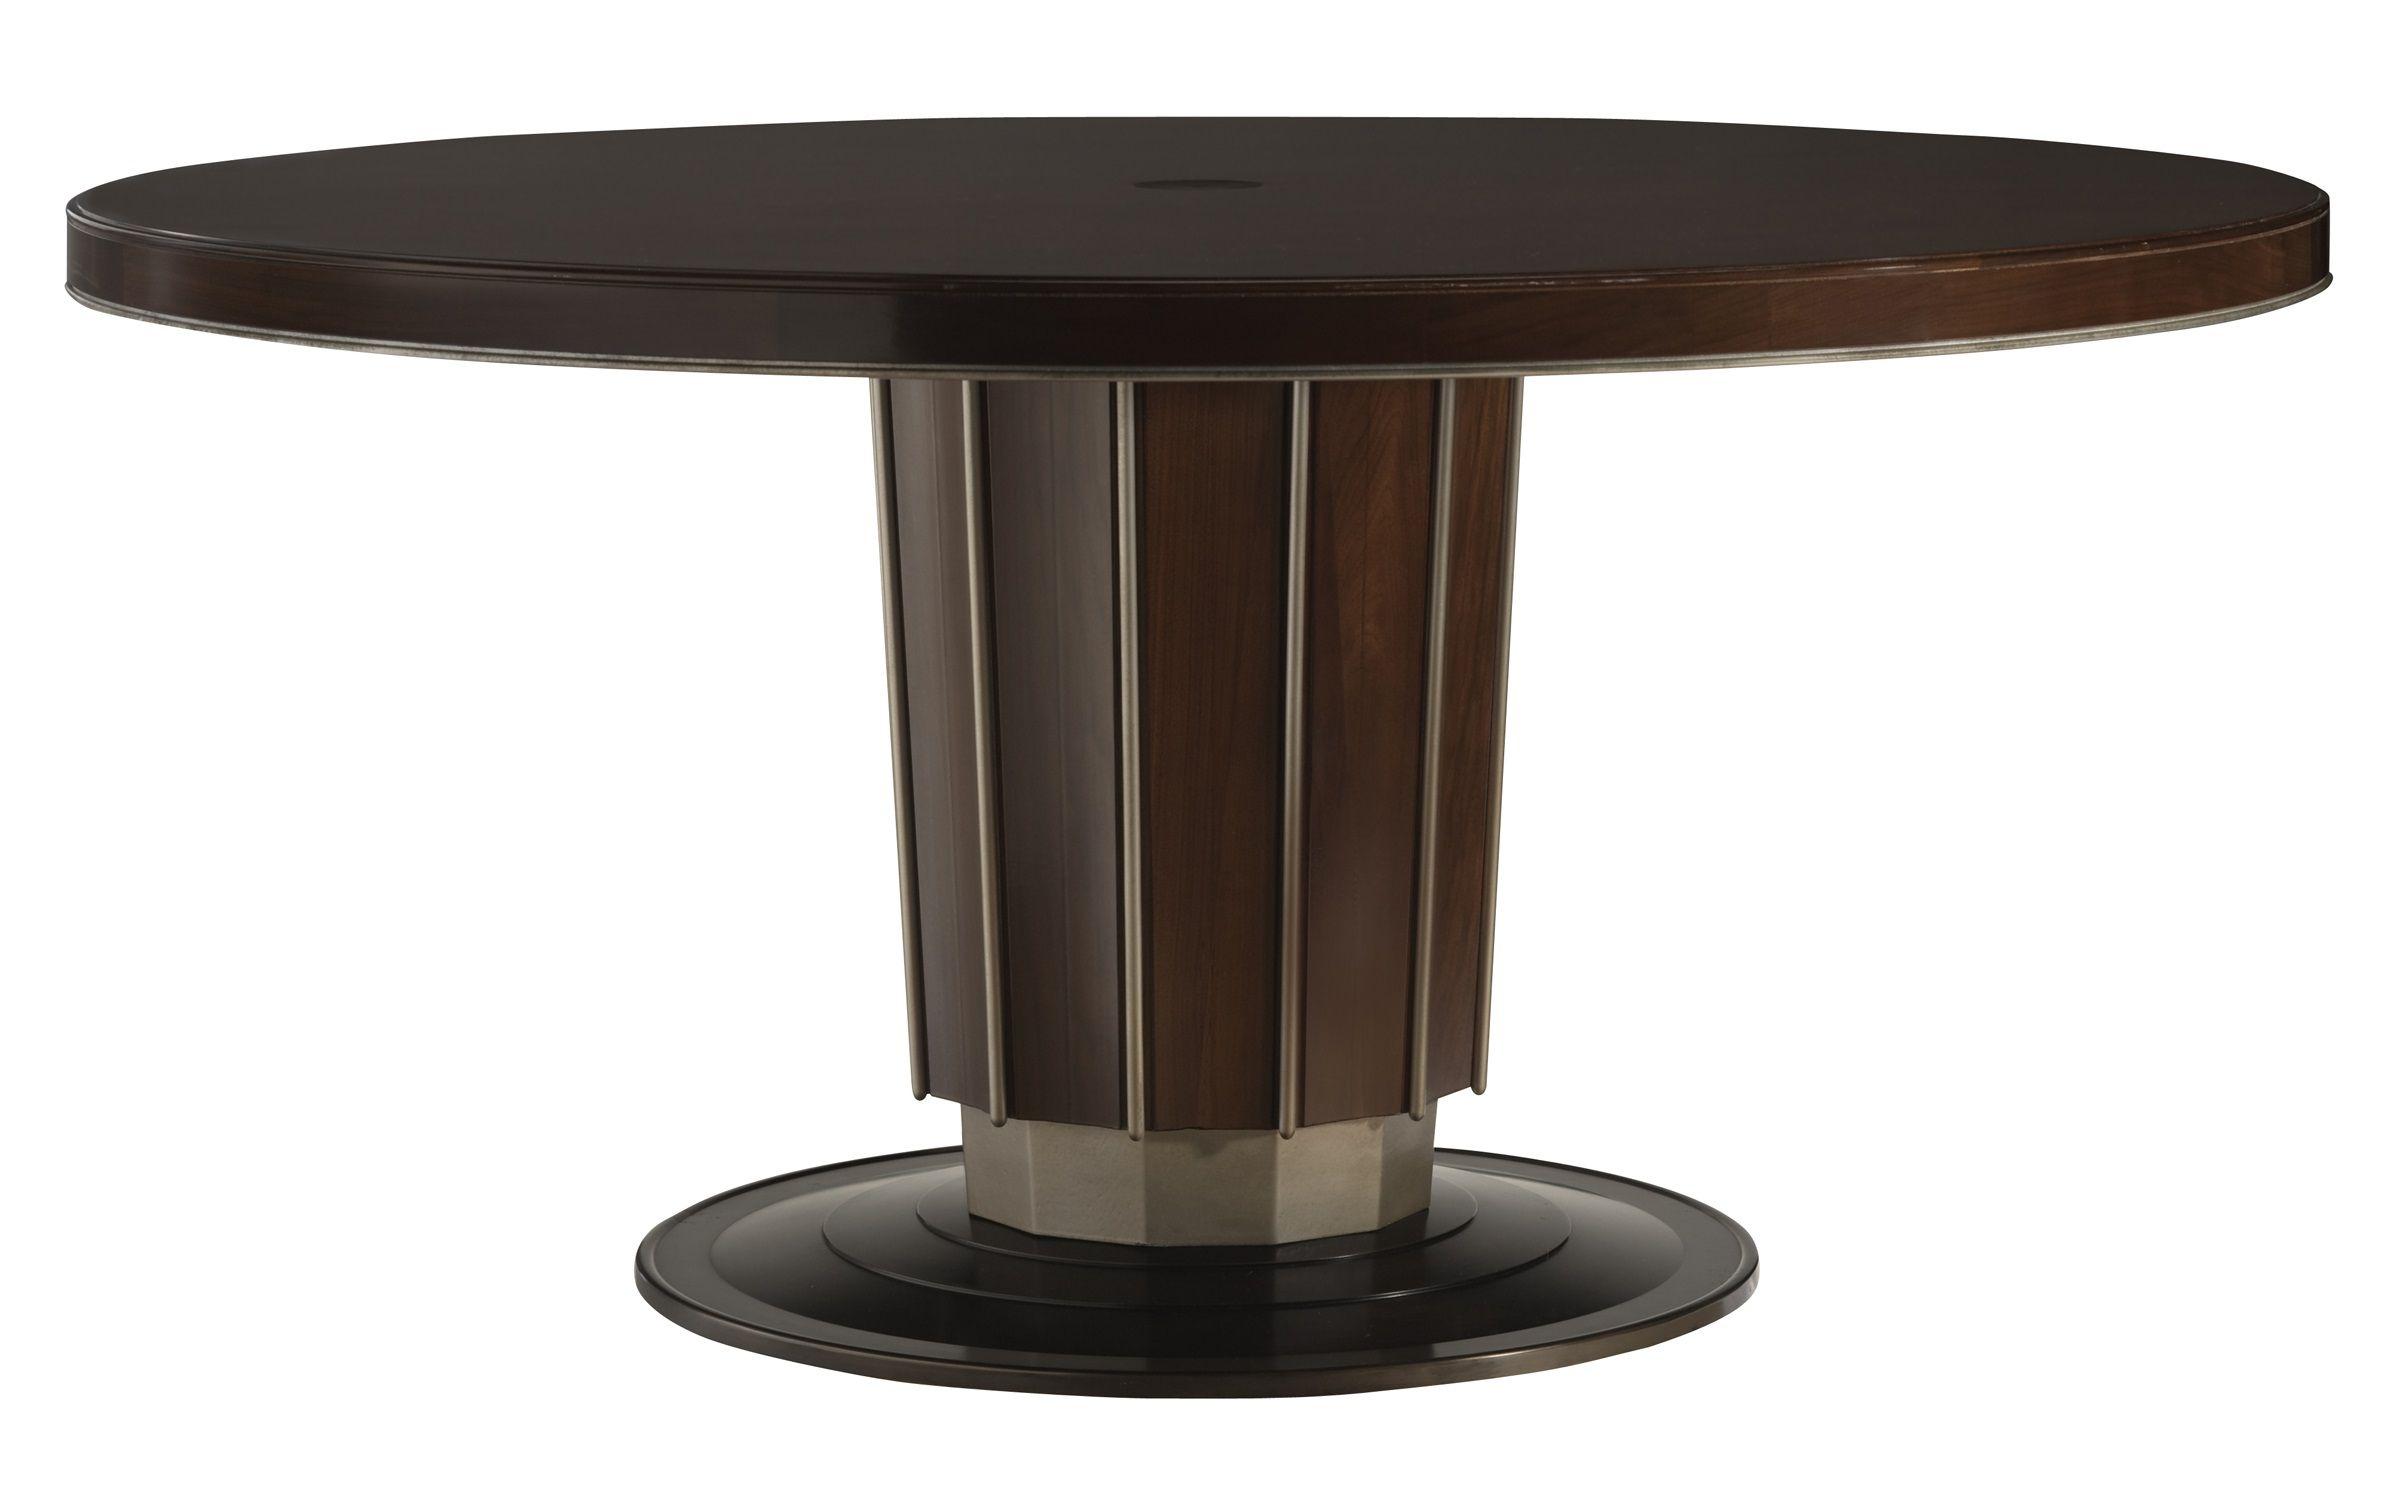 0e0dfe6572861ece28ca392758f0c065 Unique De Table Basse Noyer Design Concept